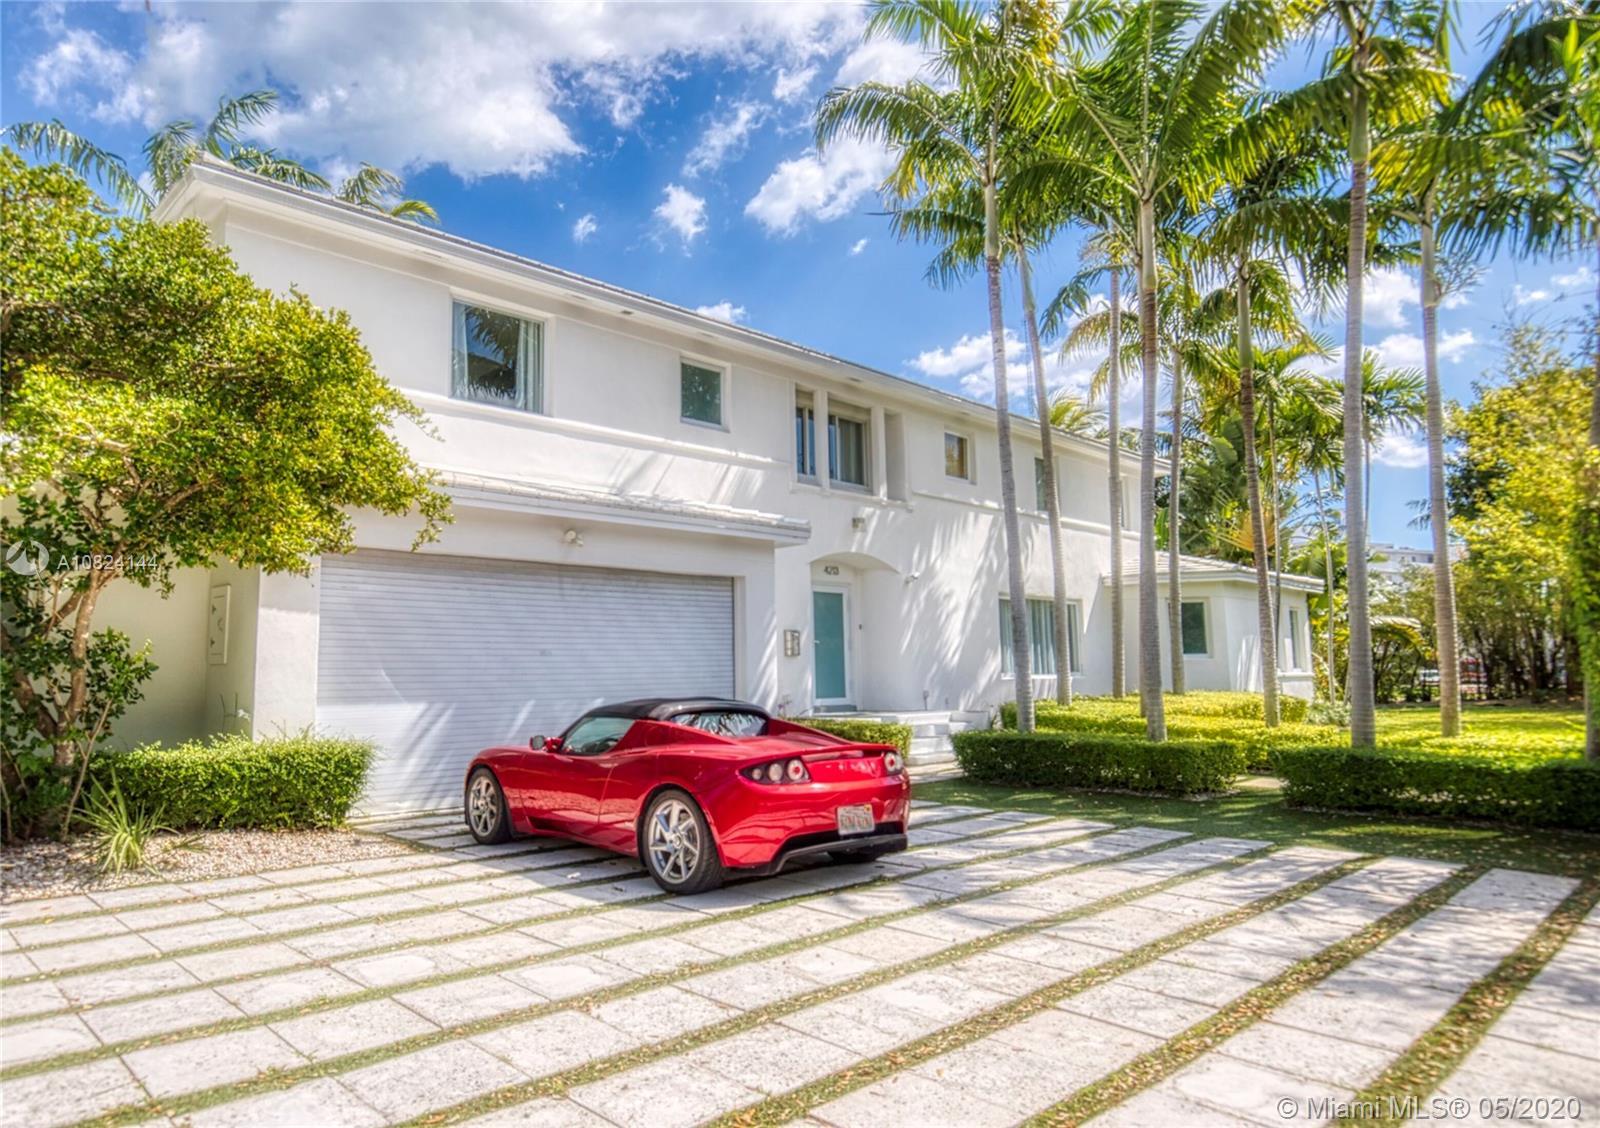 4213 Nautilus Dr, Miami Beach FL 33140